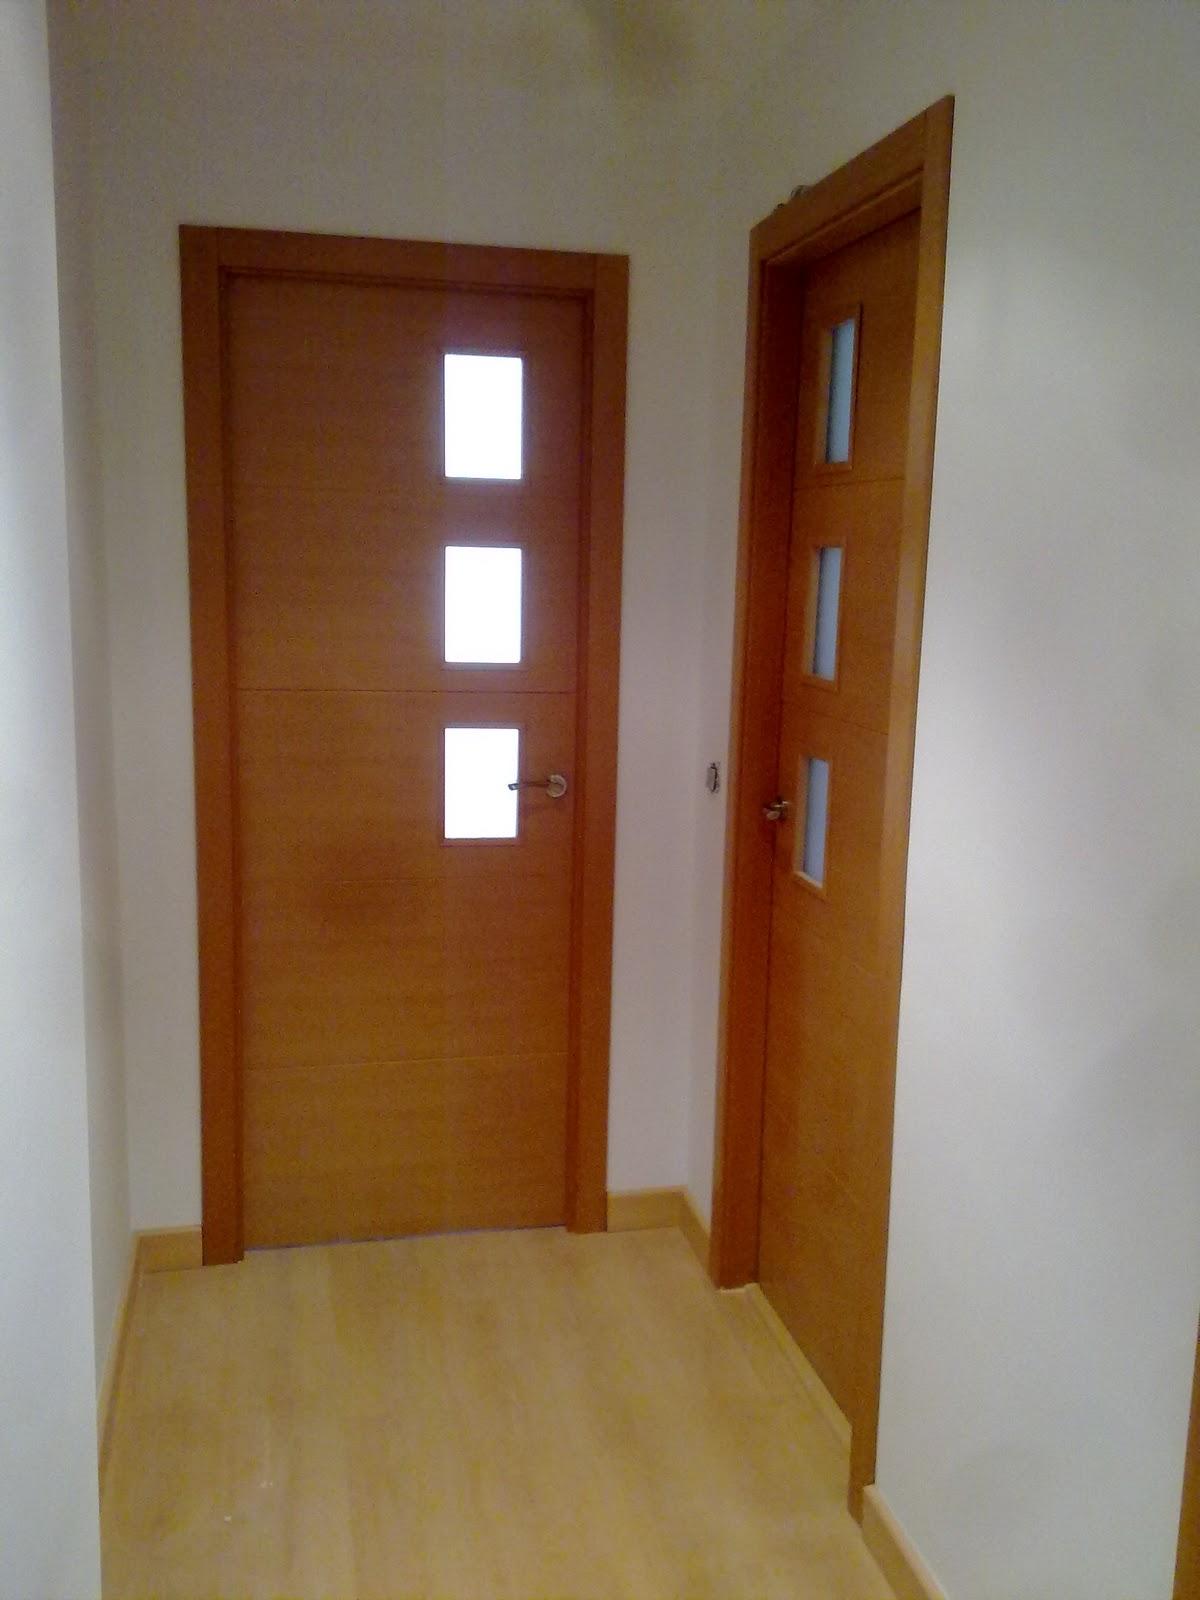 Combinar suelos y puertas vitrina rstica puertas puertas rejilla y cajones s clsico with - Combinar suelo y puertas ...